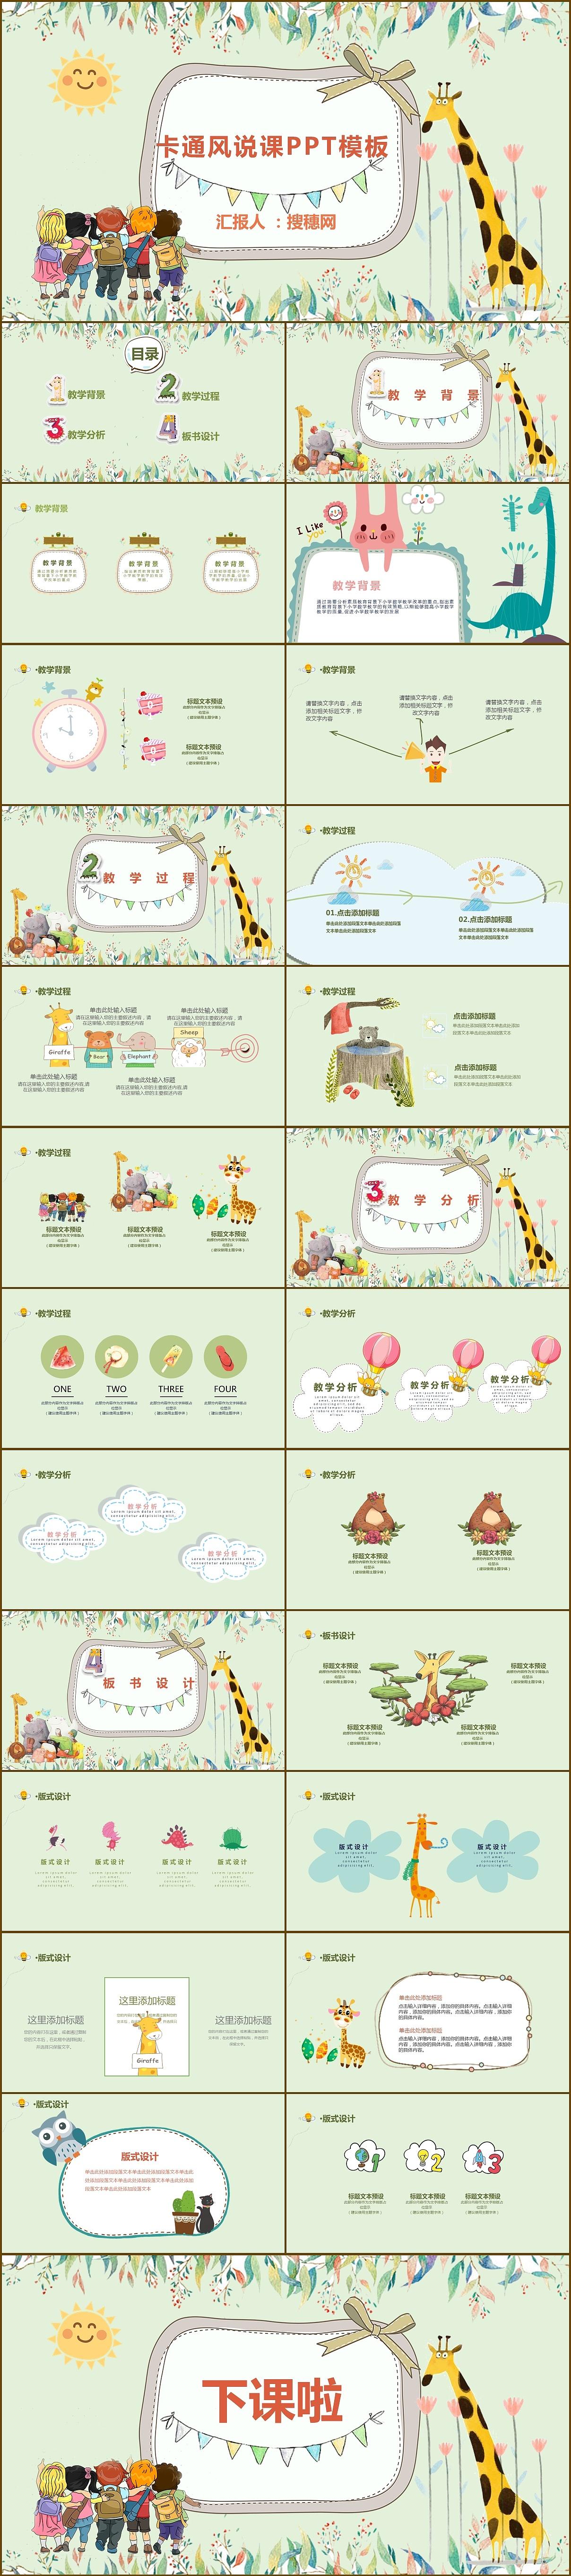 创意公开课件主题卡通信息化教育教学手绘儿童ppt根基教师教学片模板图片